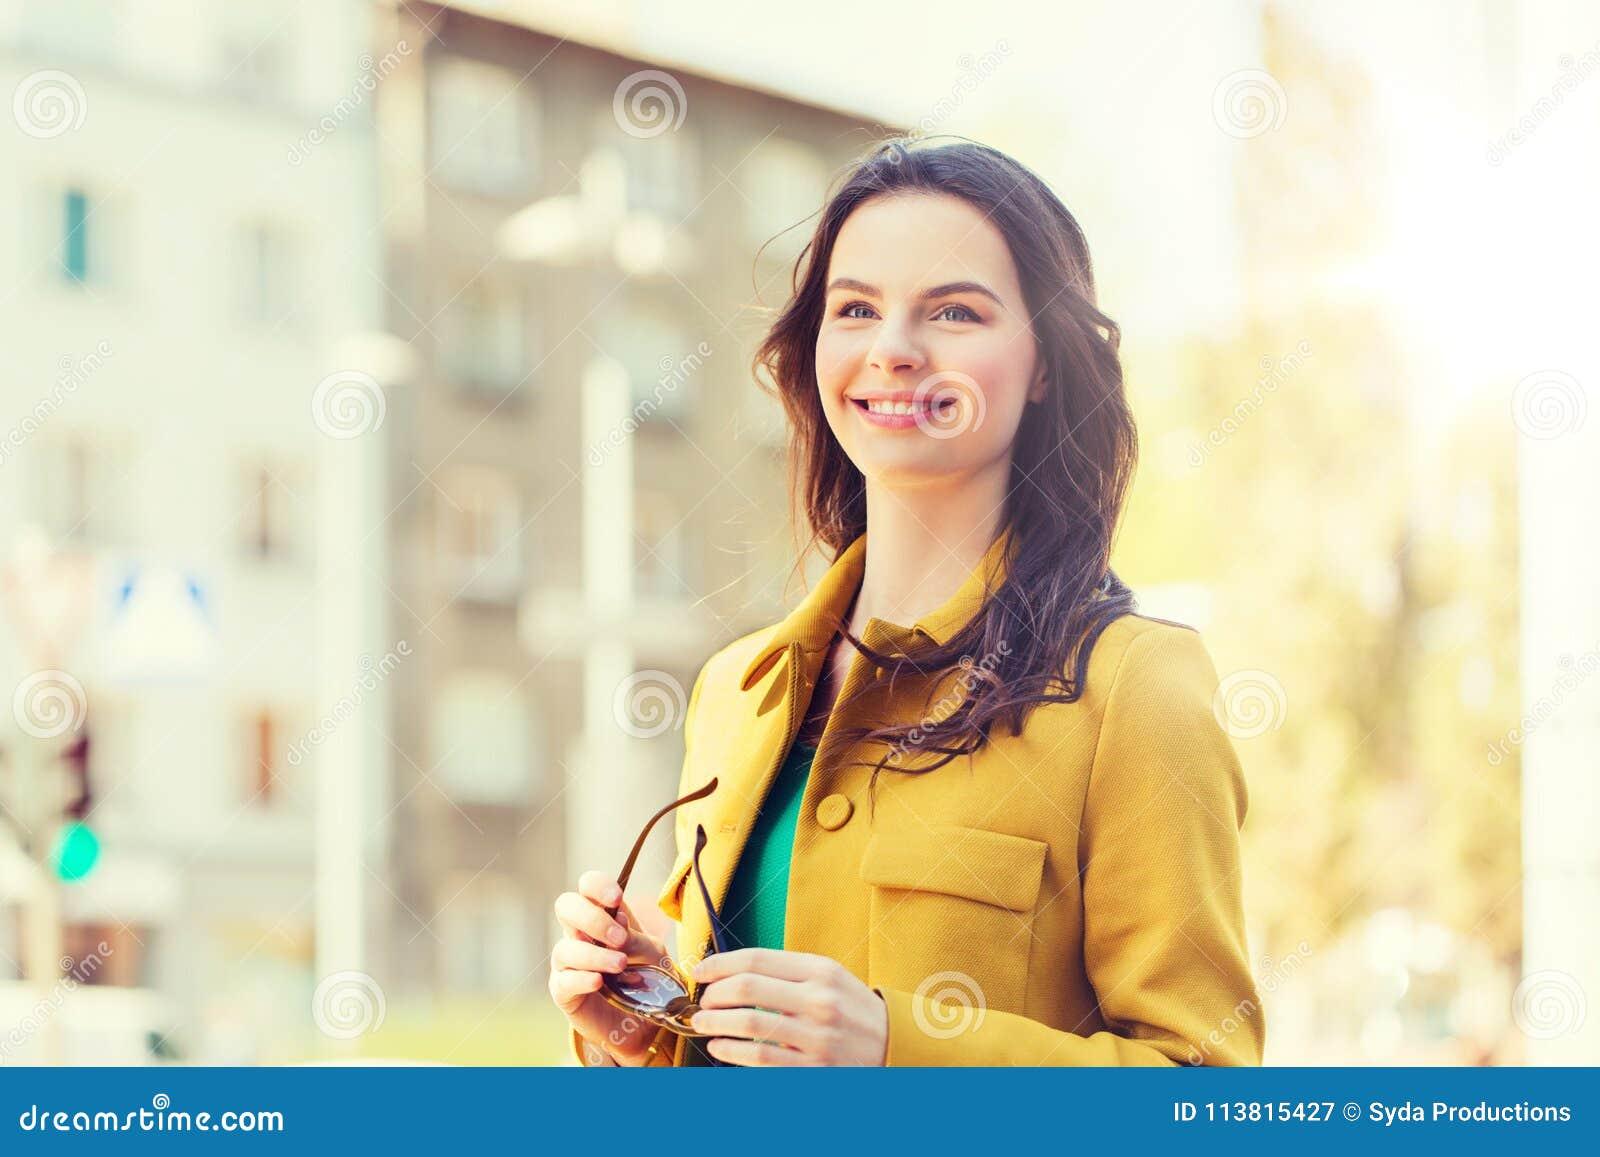 Lächelnde junge Frau in der Stadt